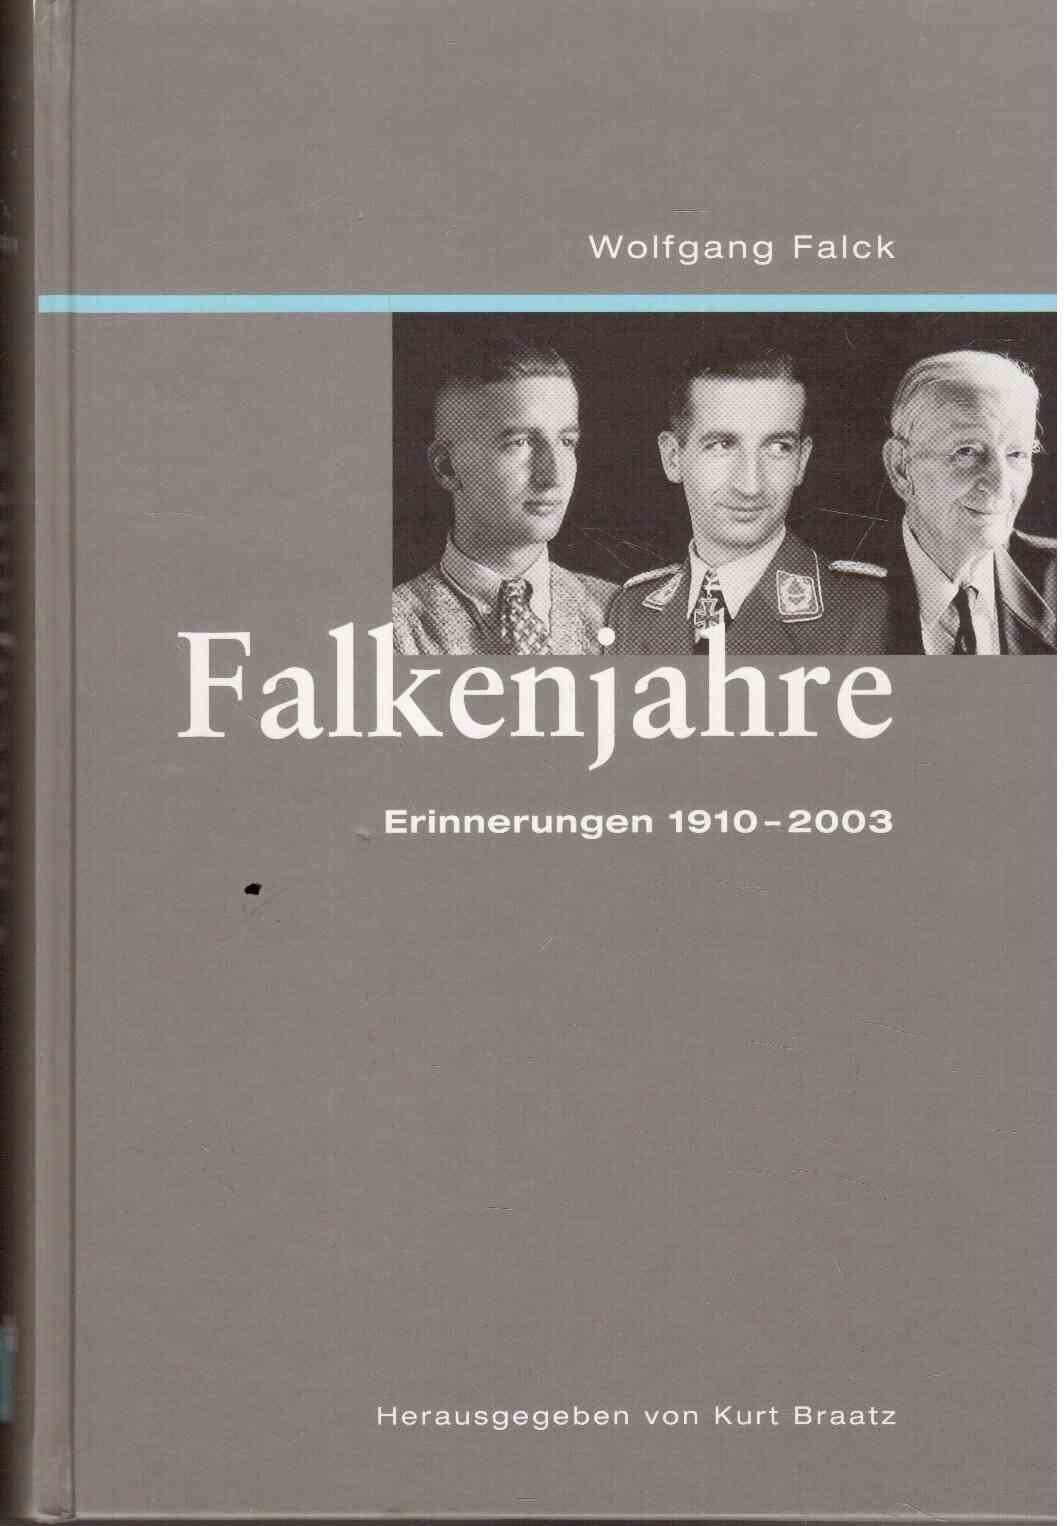 Falkenjahre: Erinnerungen 1910-2003